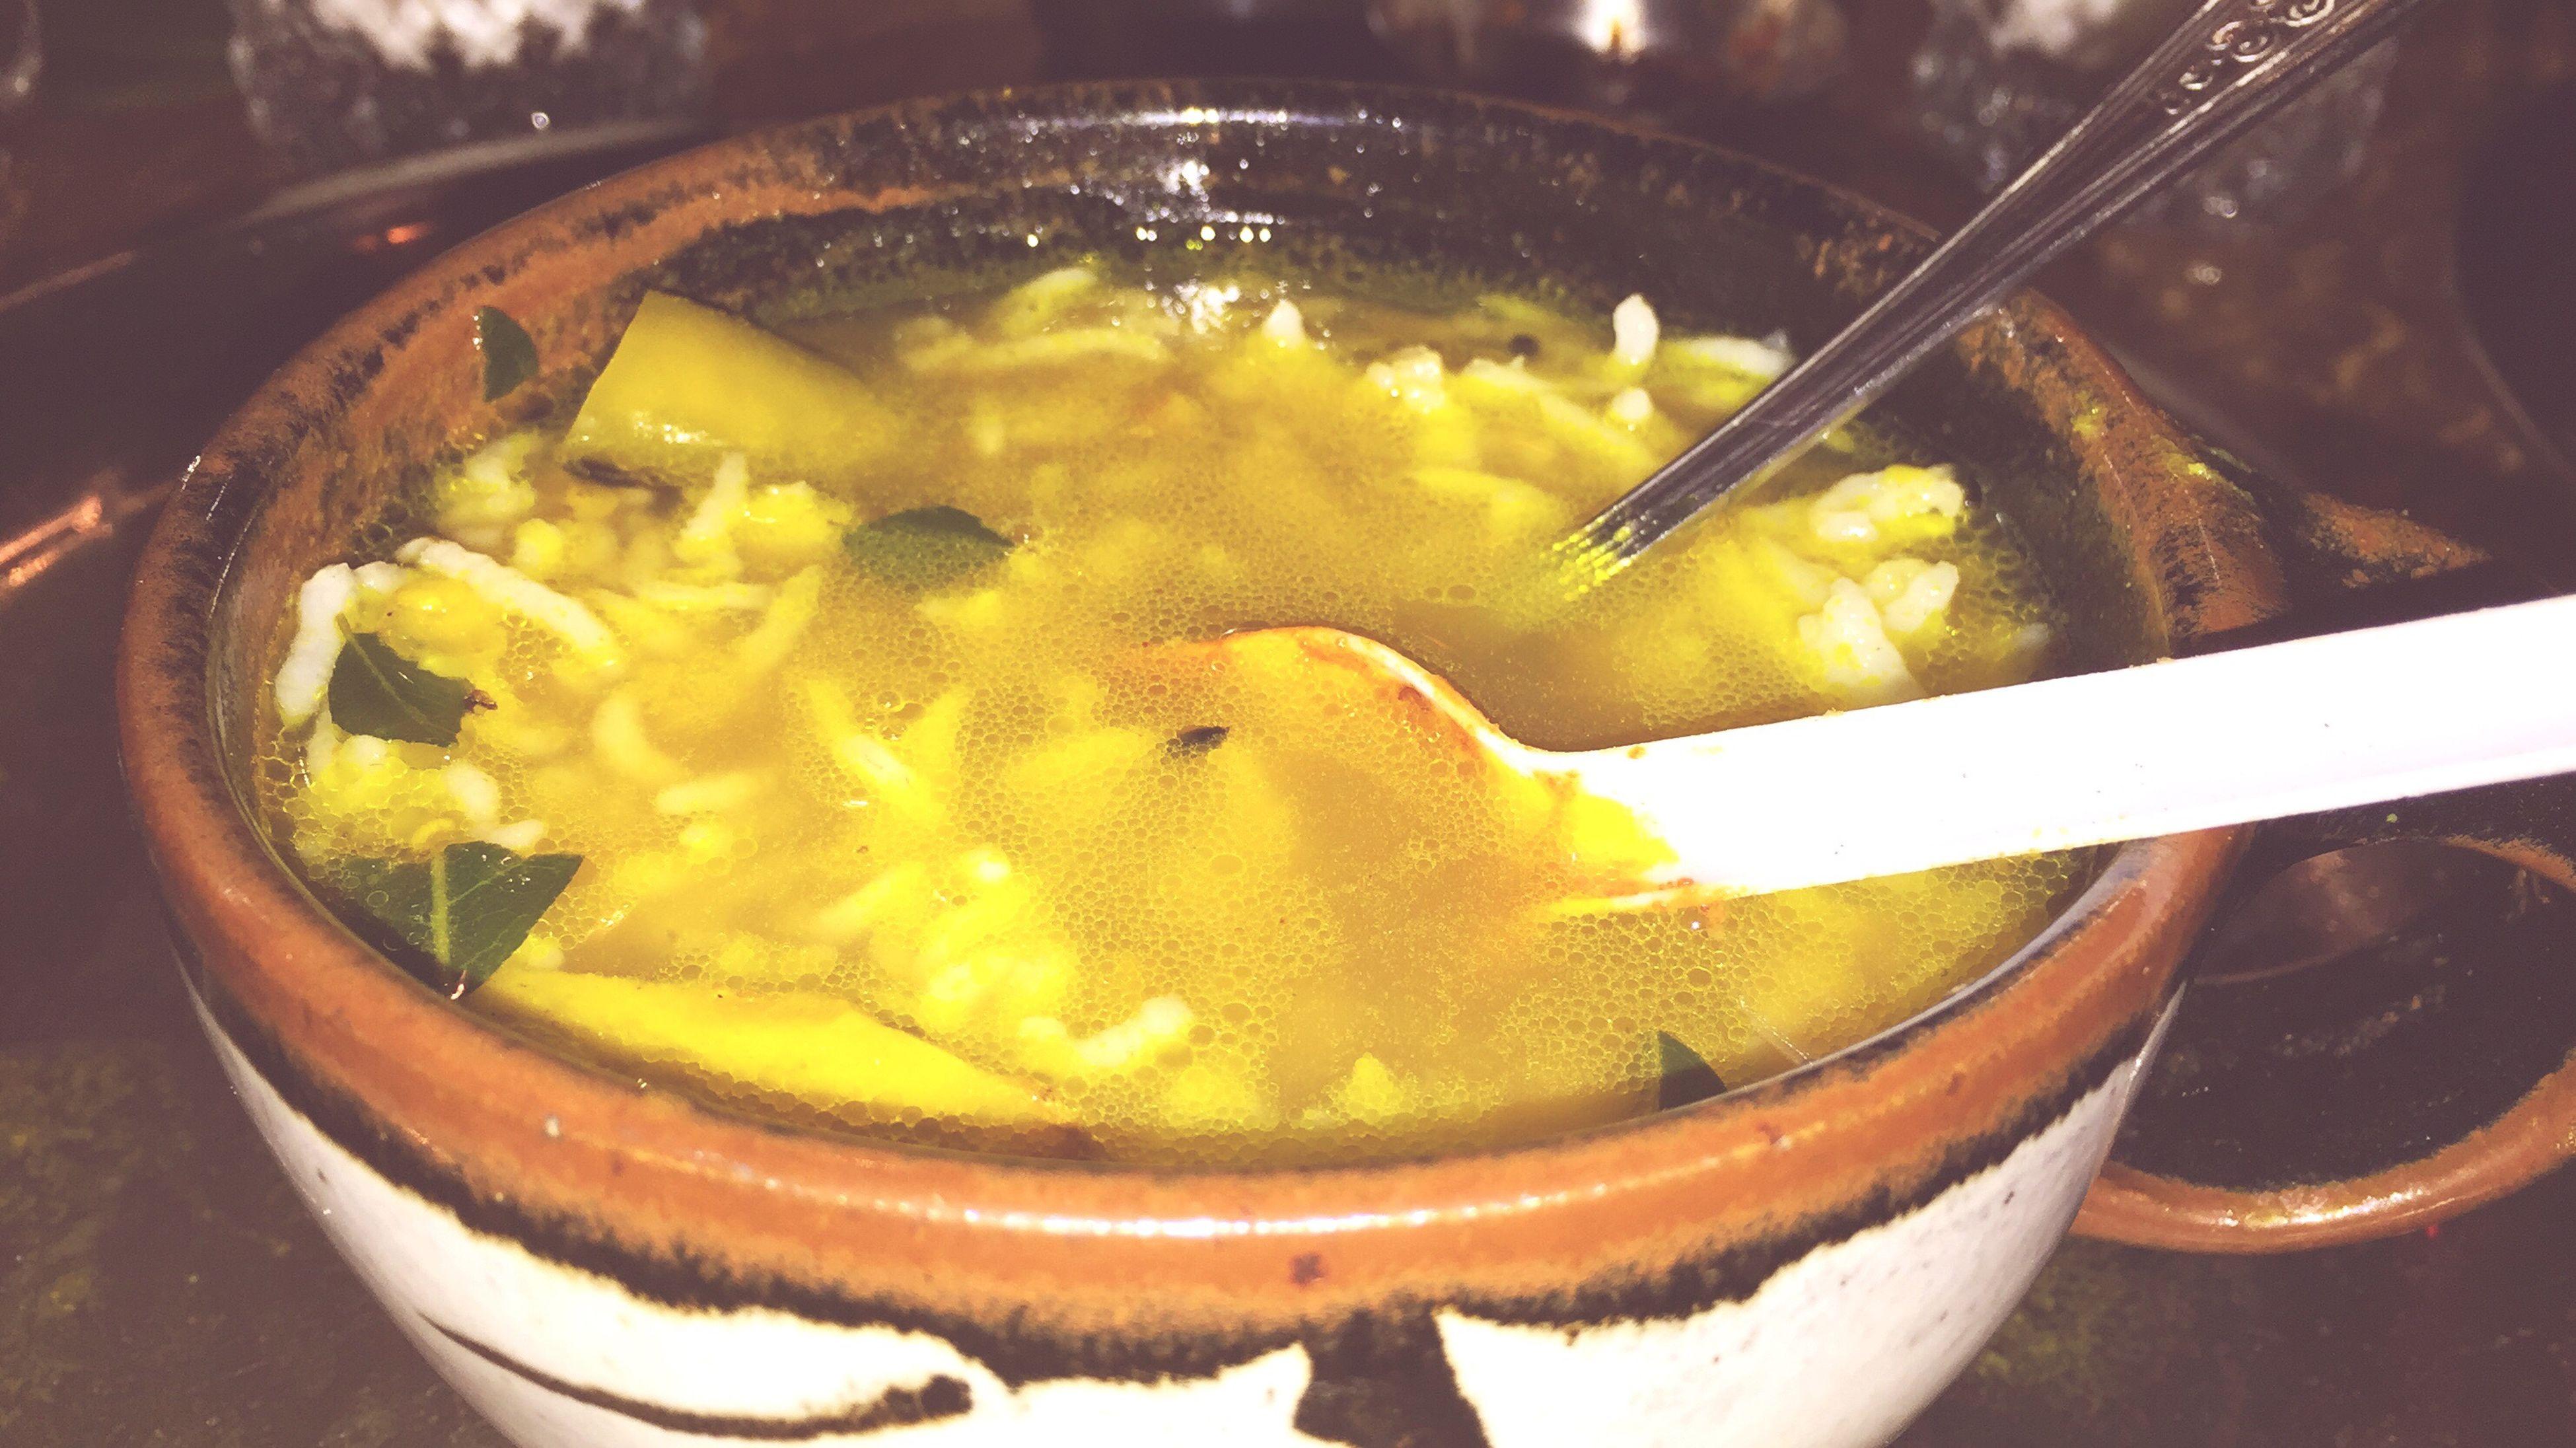 RasamRice Heavenly Healthy Eating Goa Vagator India Vacations